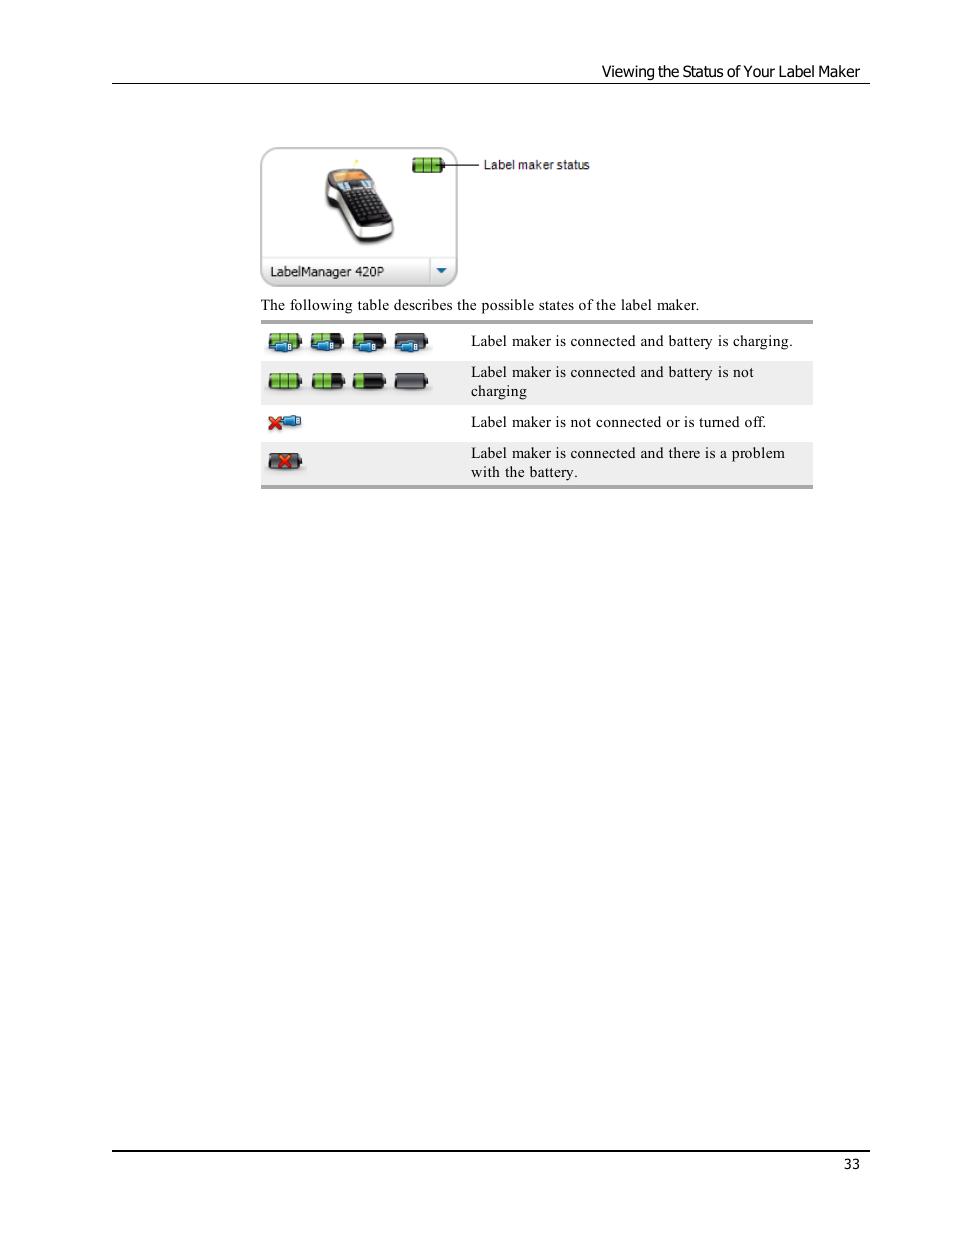 Dymo LabelWriter 450 Turbo Software Manual User Manual